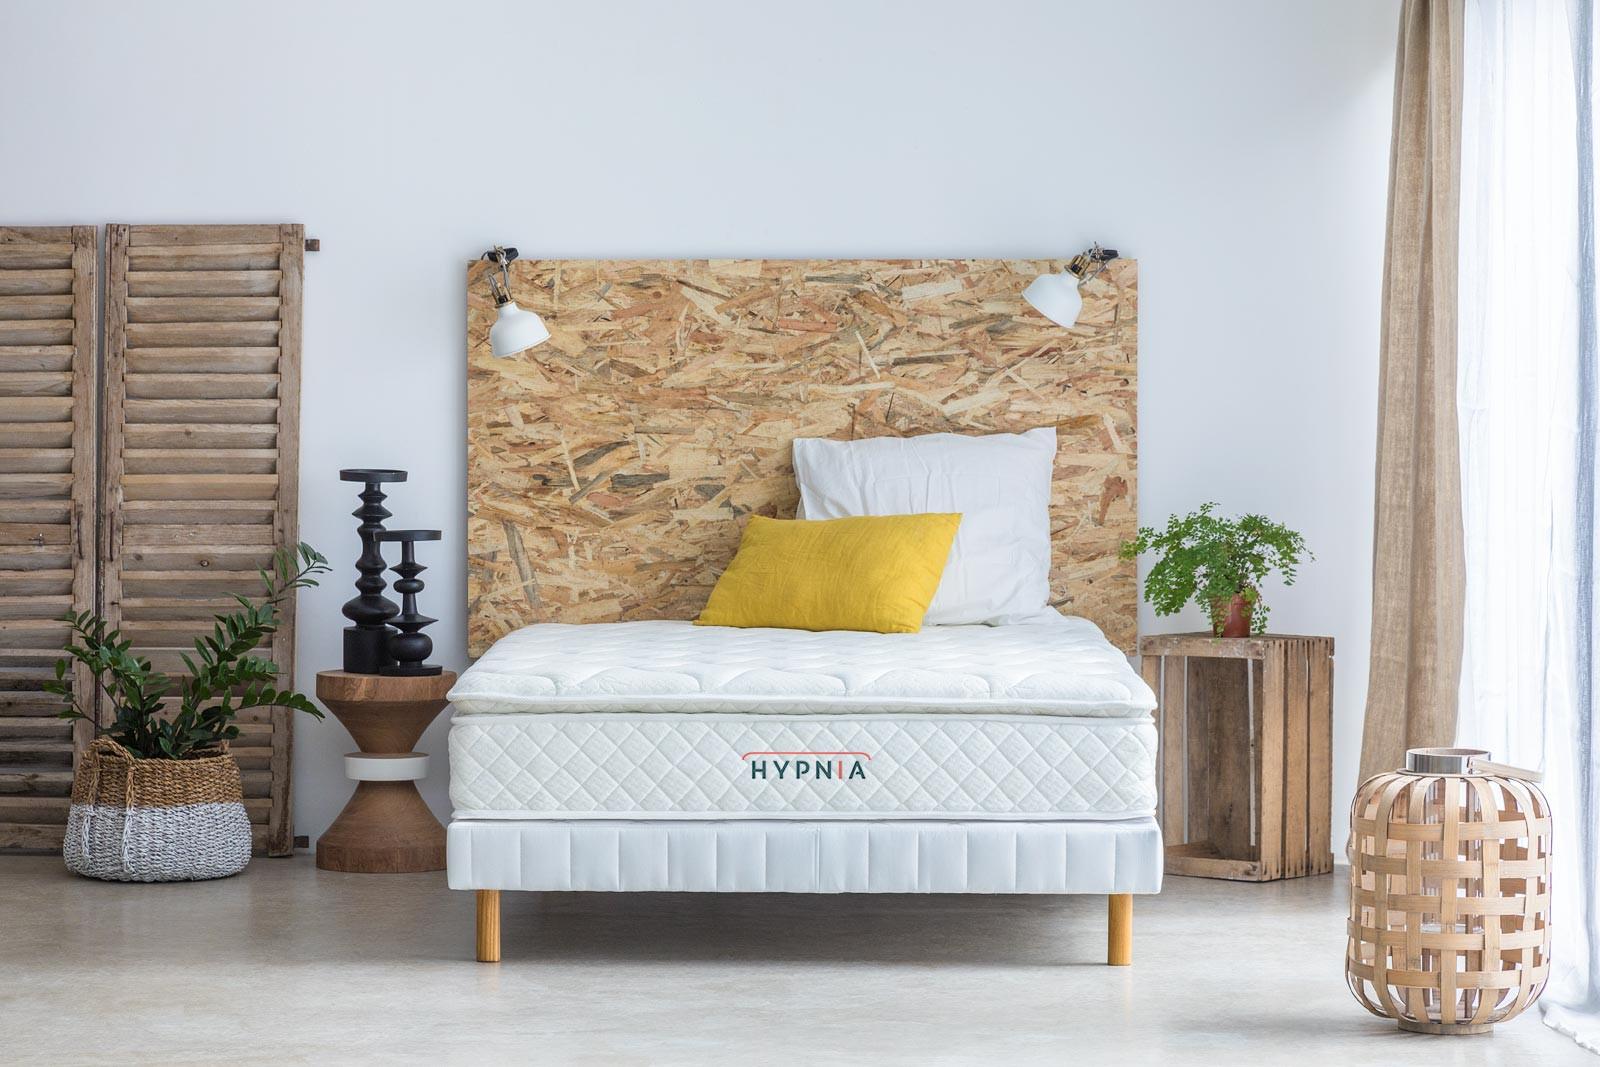 hypnia matelas confort home